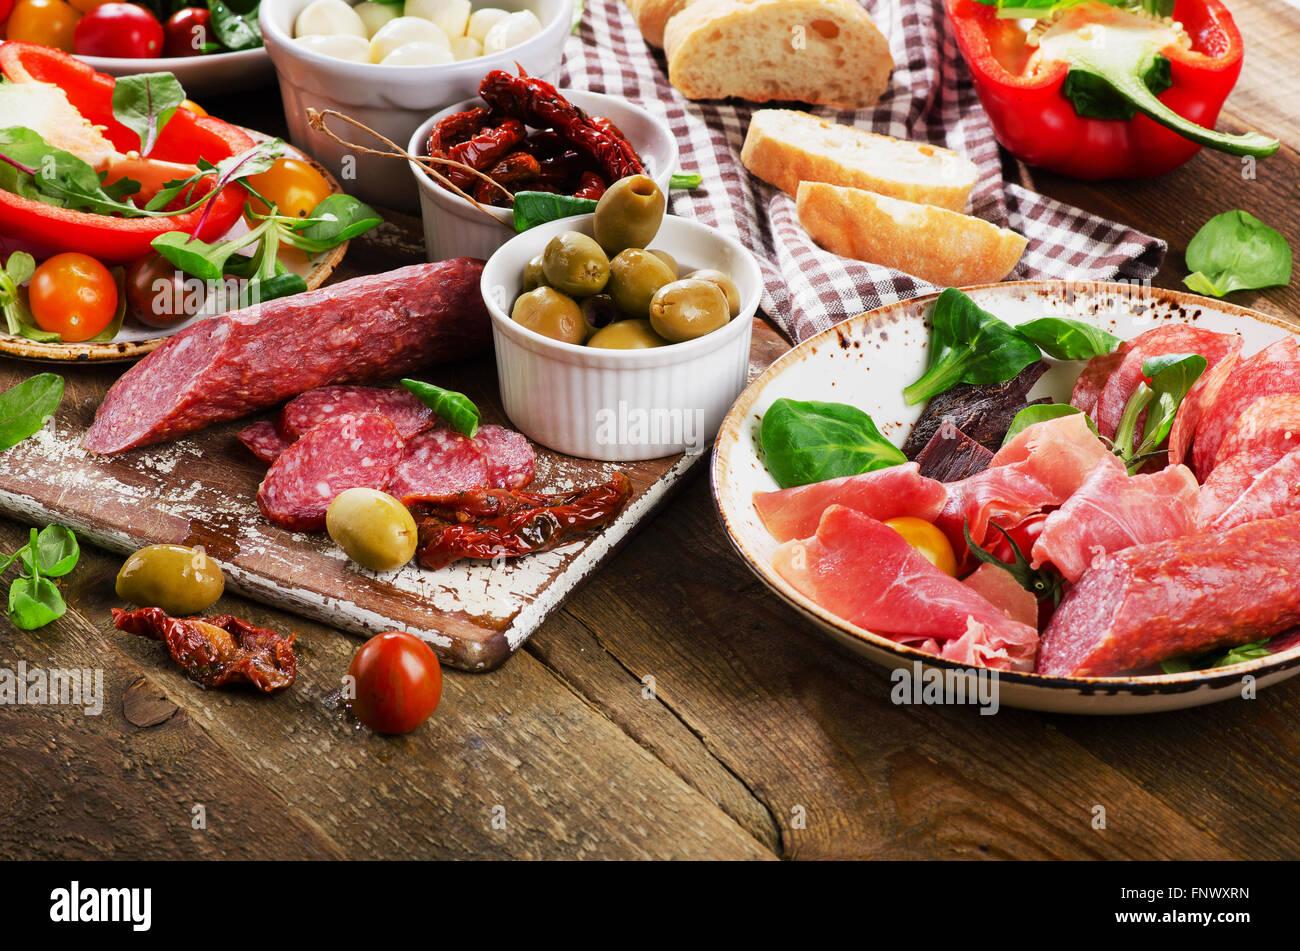 Appetizer set. Italian healthy food on wooden board. - Stock Image